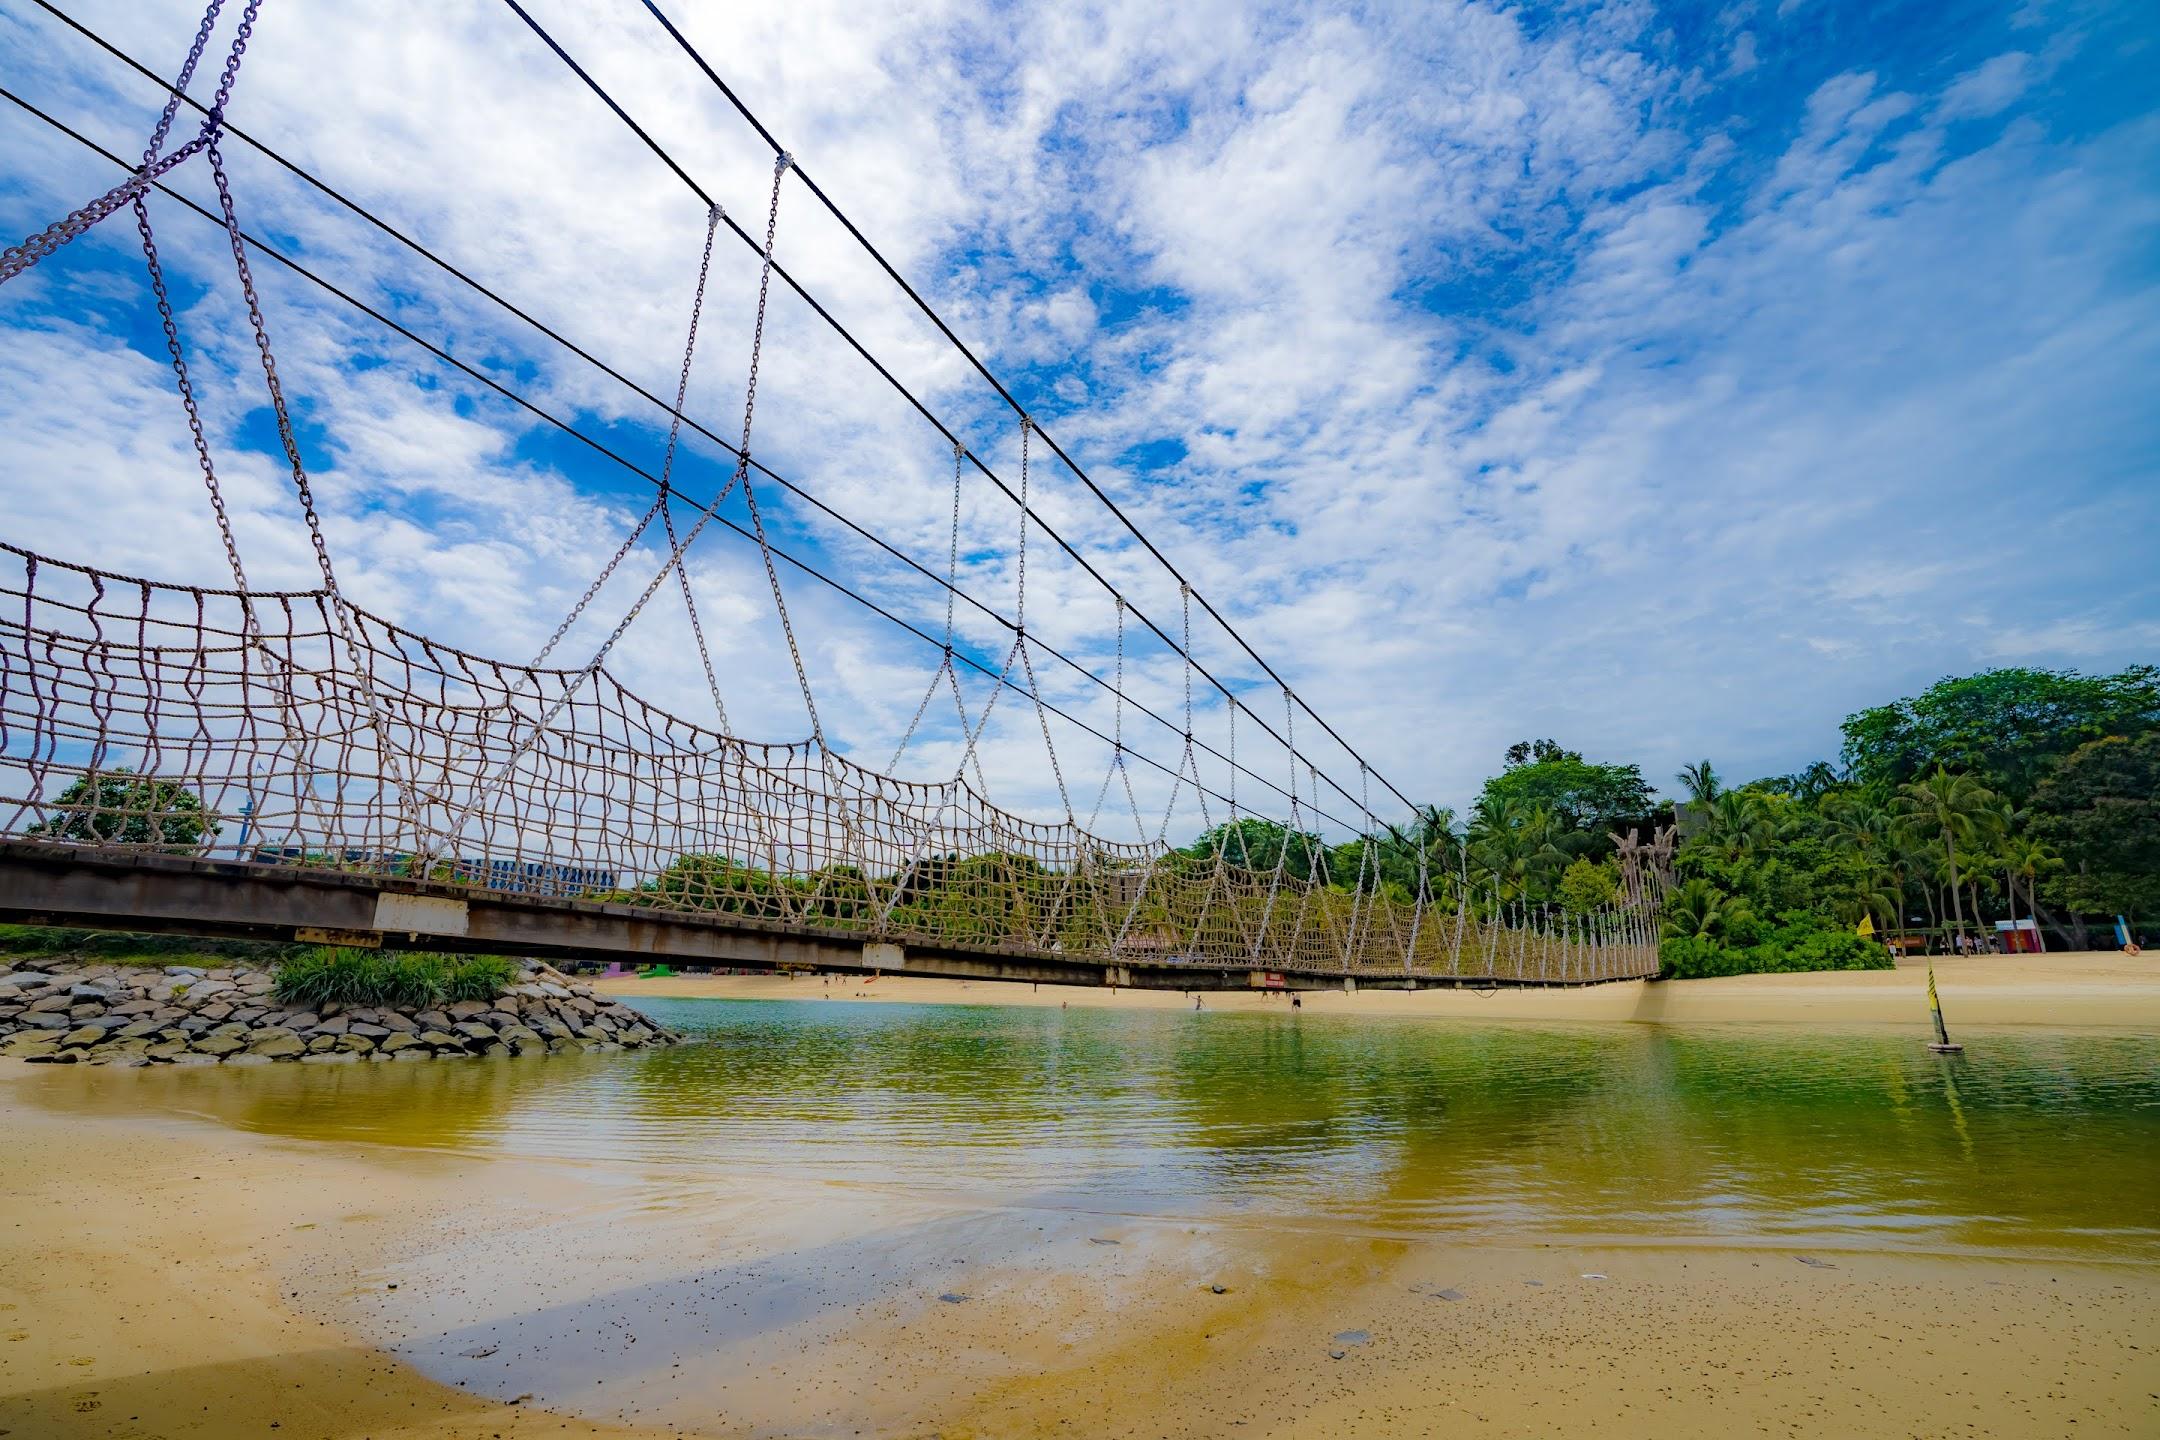 シンガポール セントーサ パラワンビーチ 吊り橋2